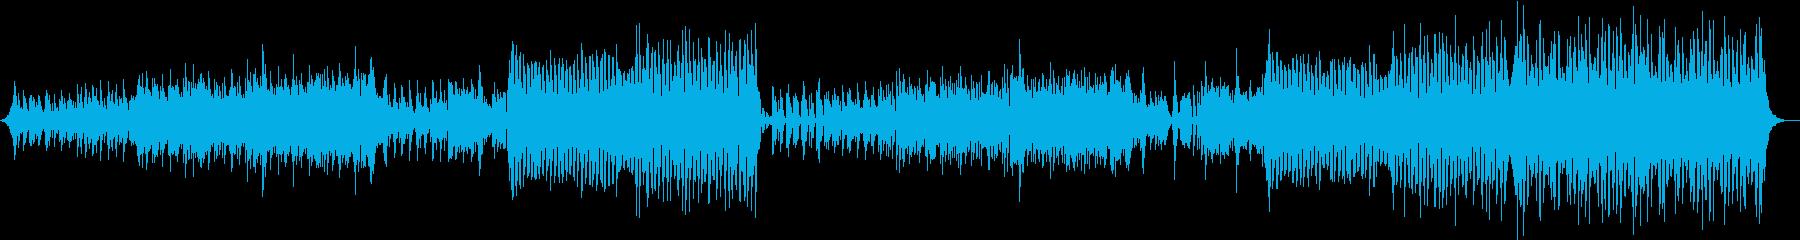 軽快ピアノEDM和風の再生済みの波形